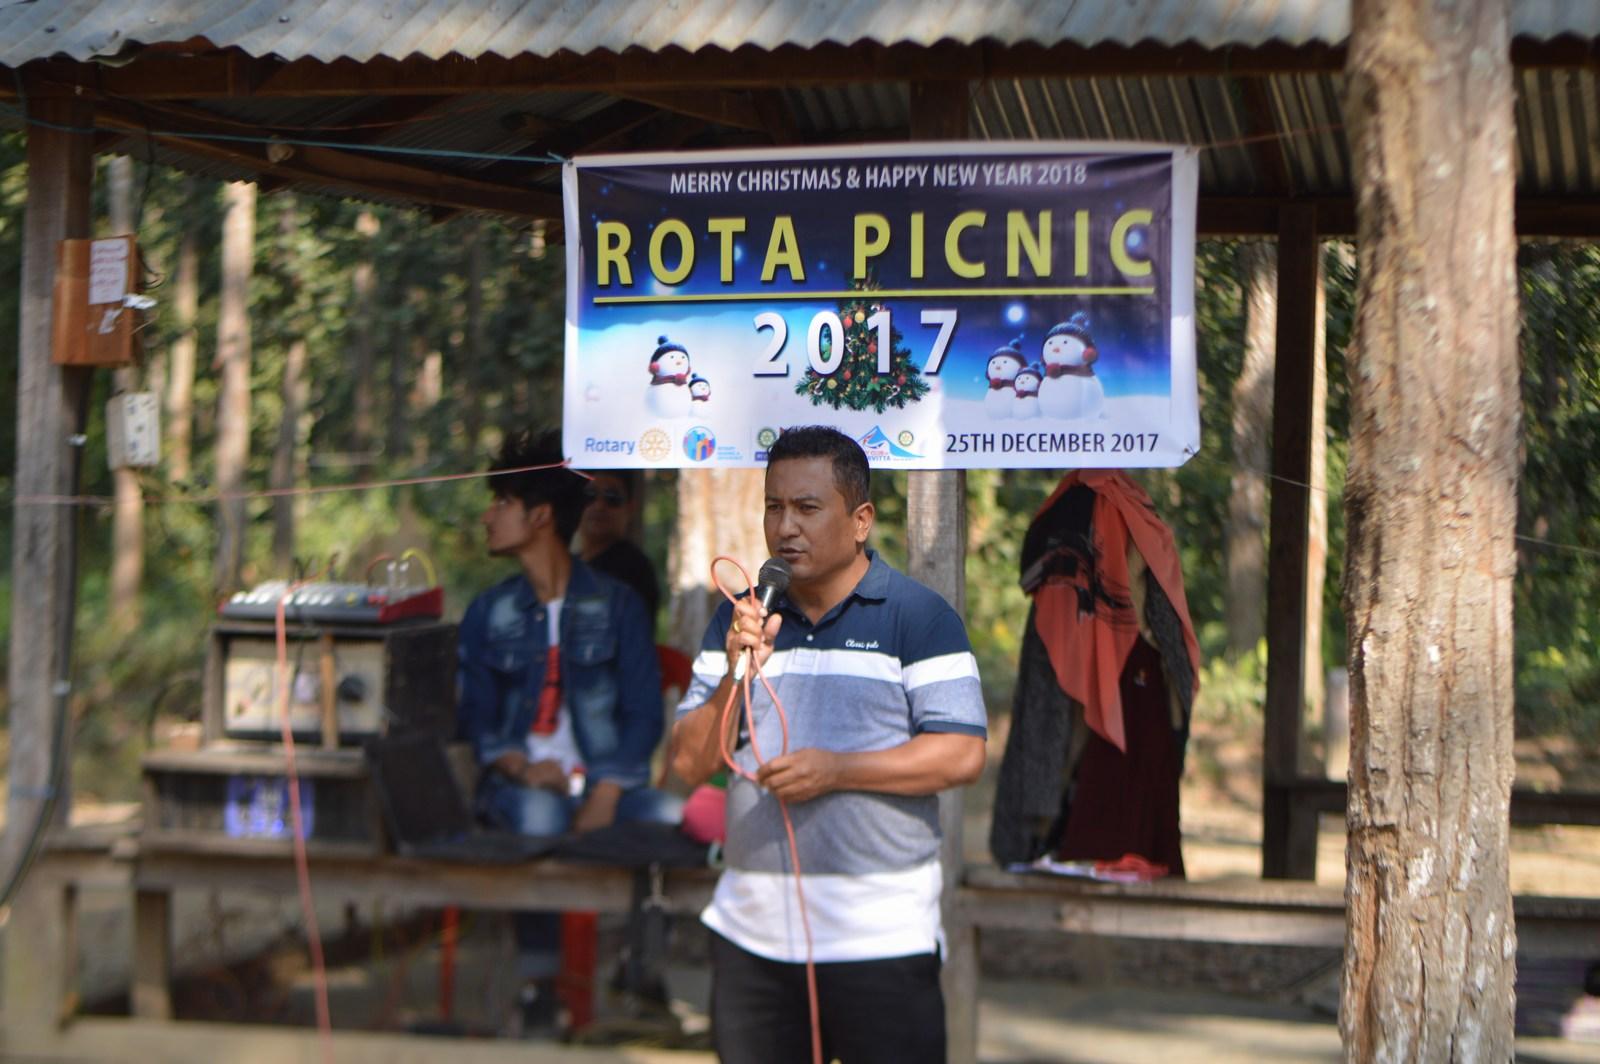 Rota-Picnic-2017-Rotary-Club-of-Kakarvitta-46